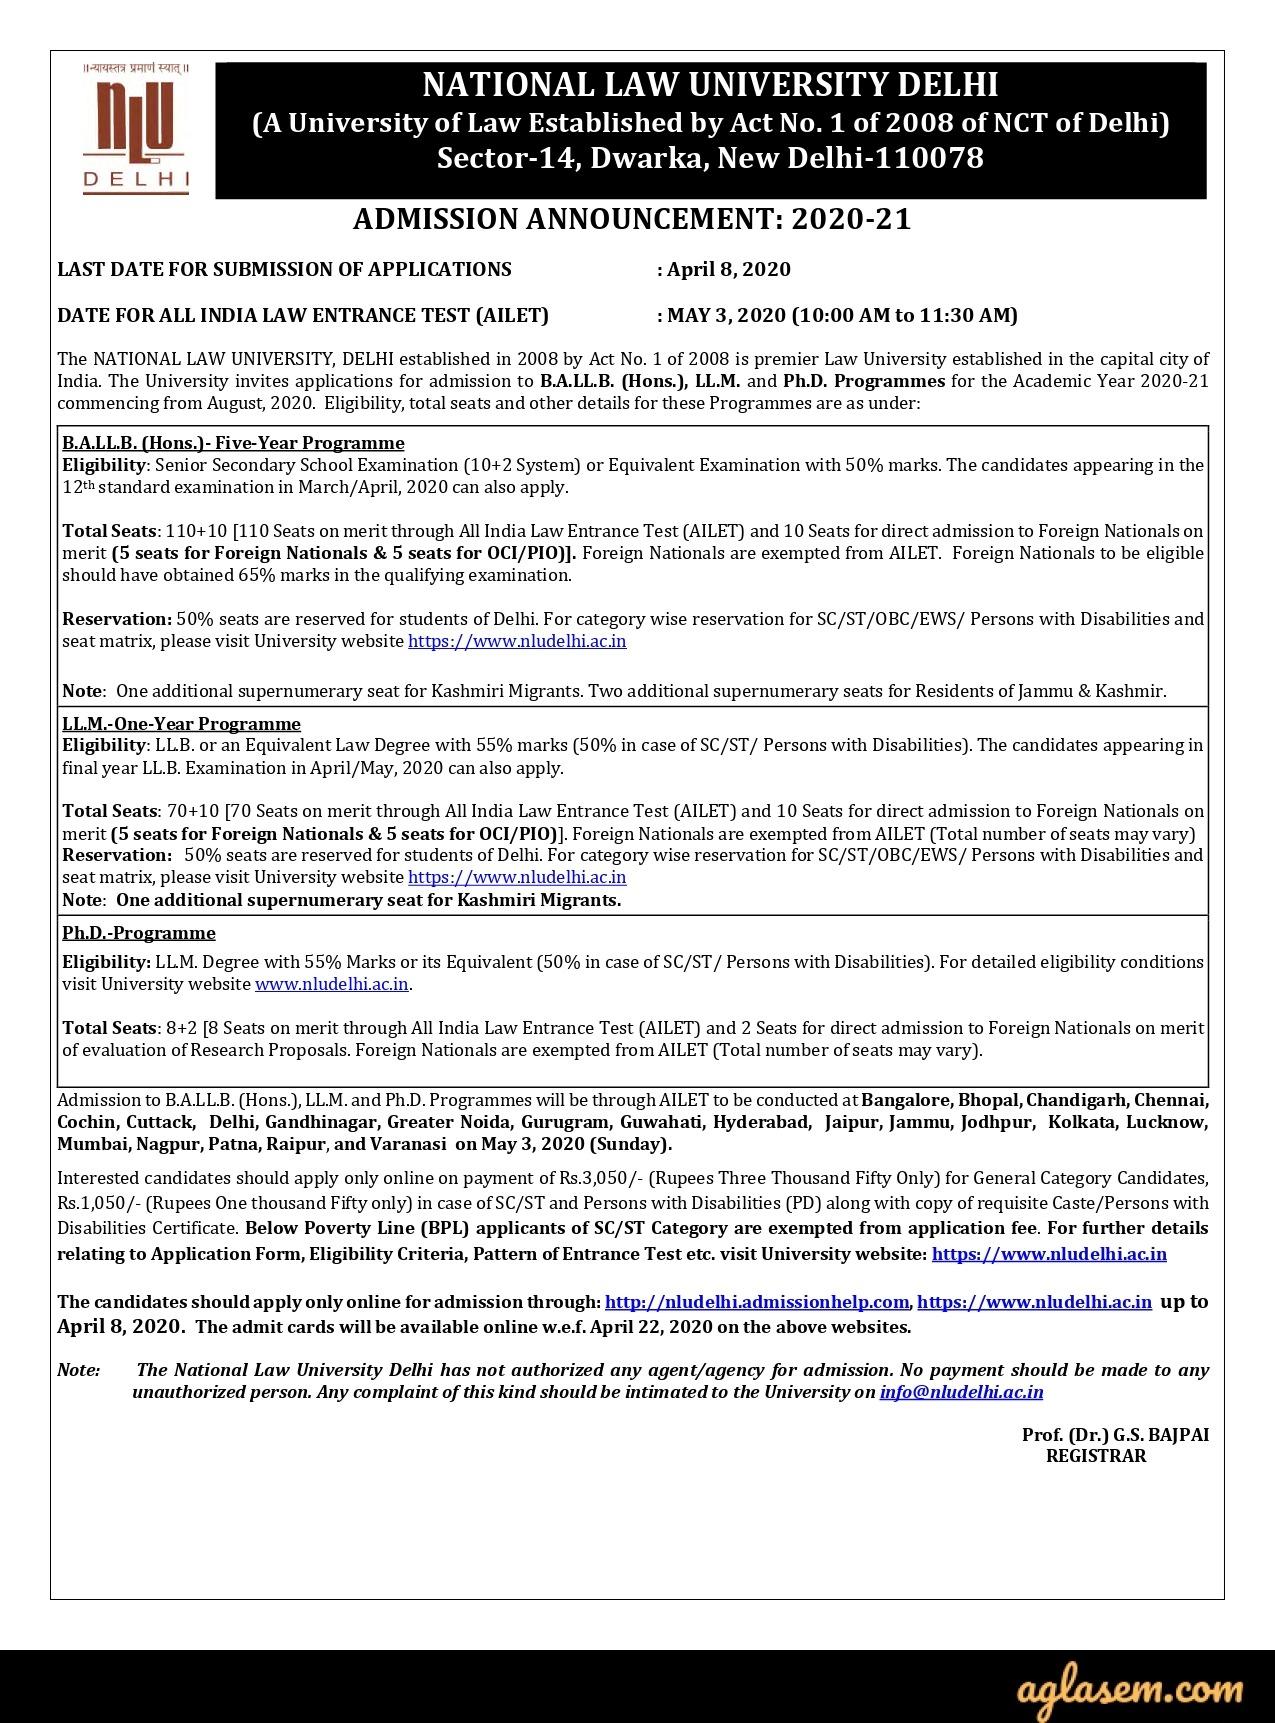 AILET 2020 Admission Announcement